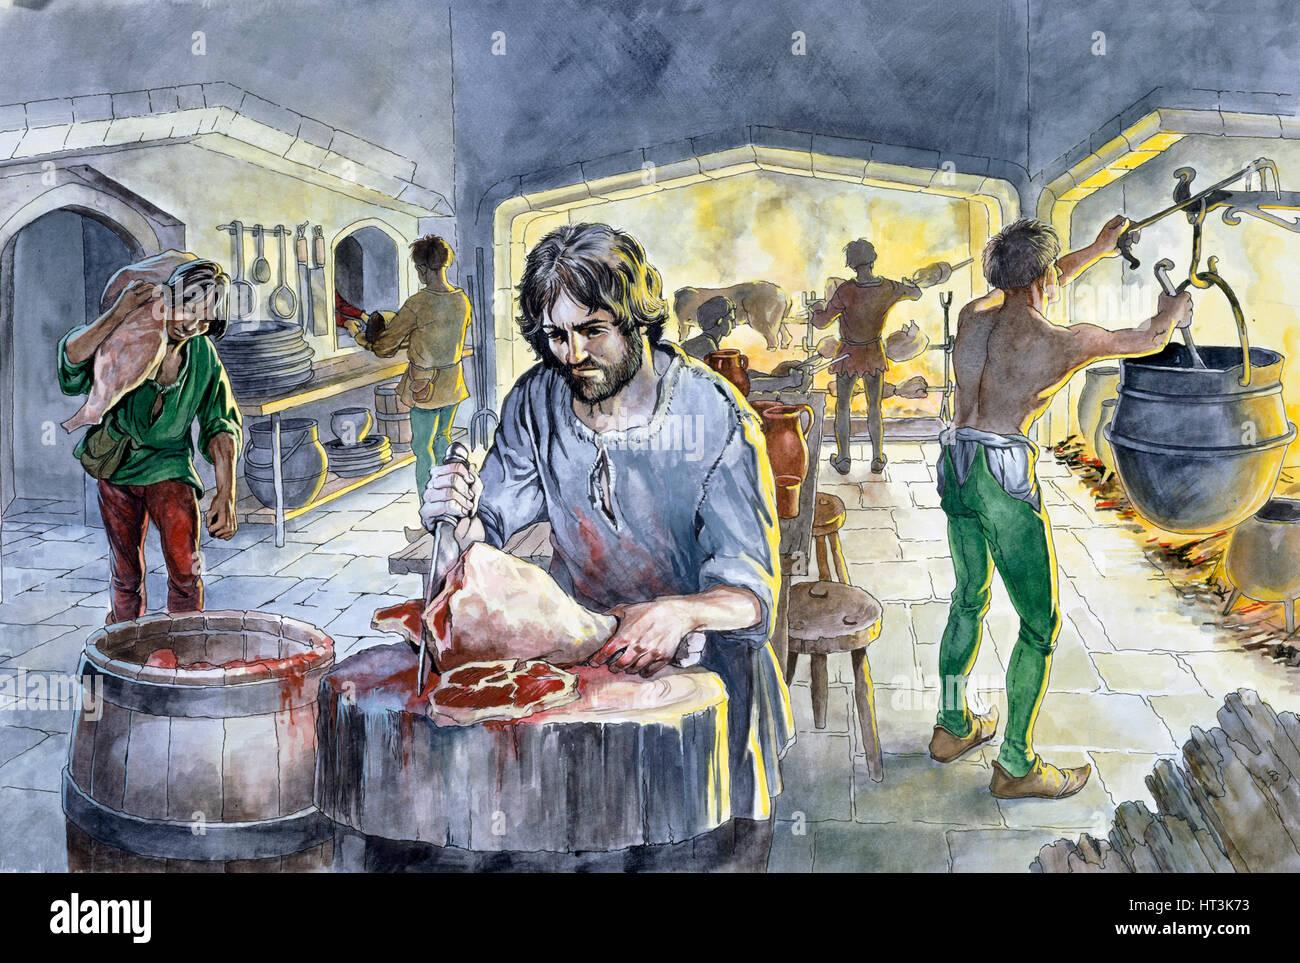 La cucina nel Medioevo, c xiv secolo, (c1990-2010) Artista: Philip Corke. Immagini Stock